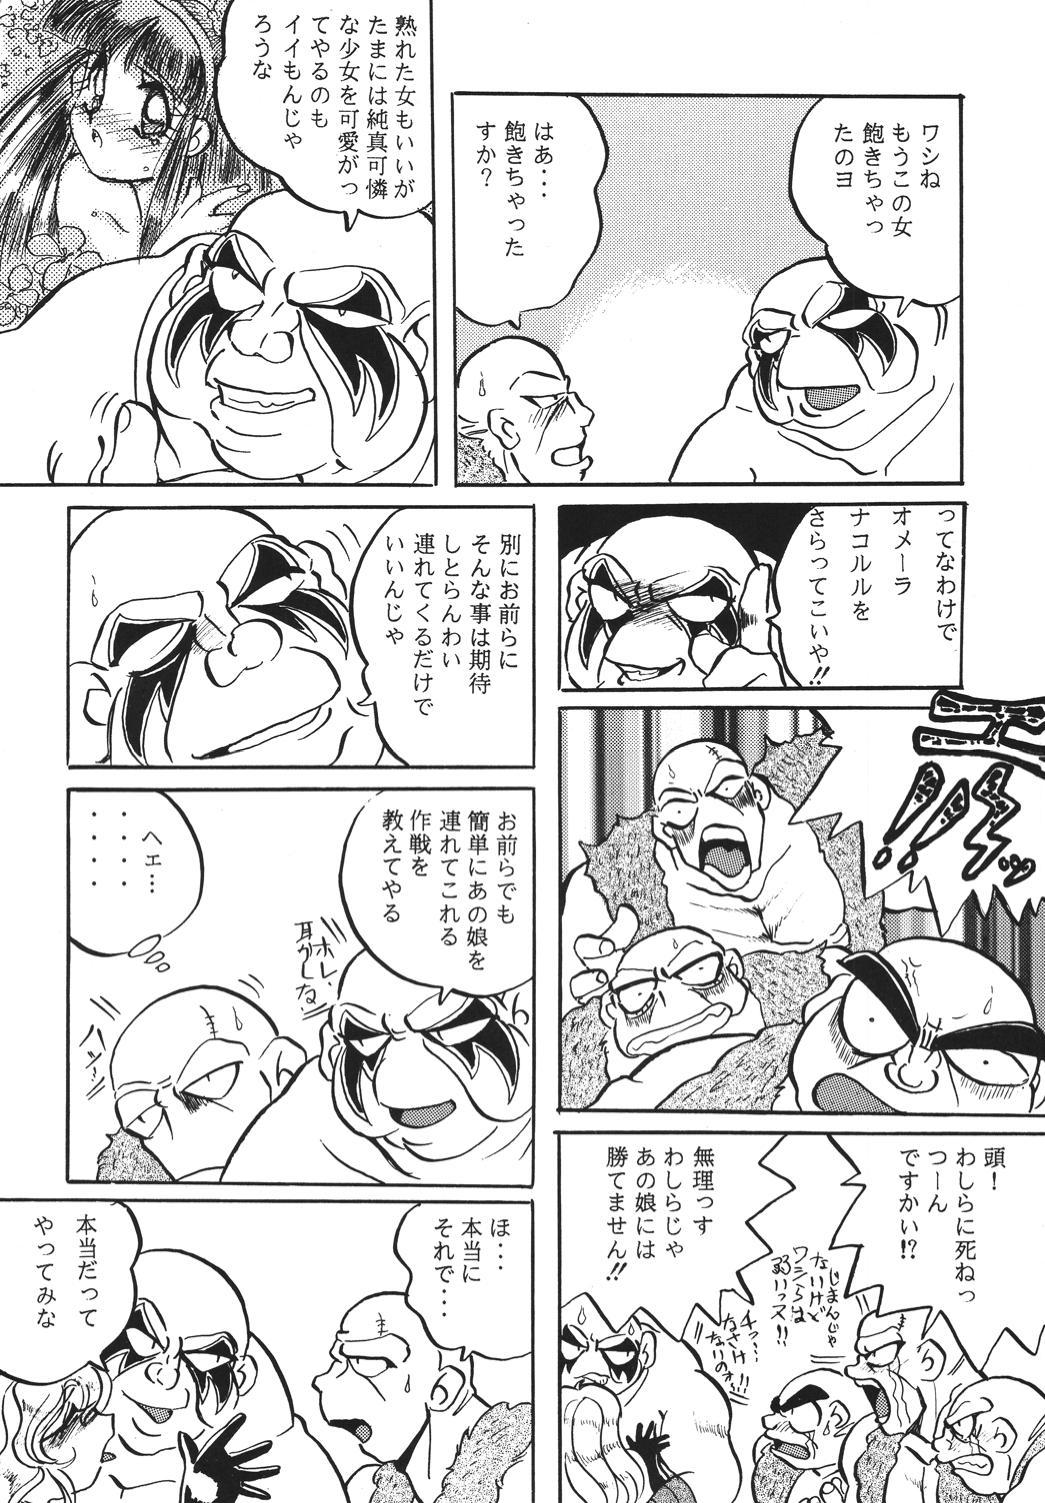 Shinkon 7